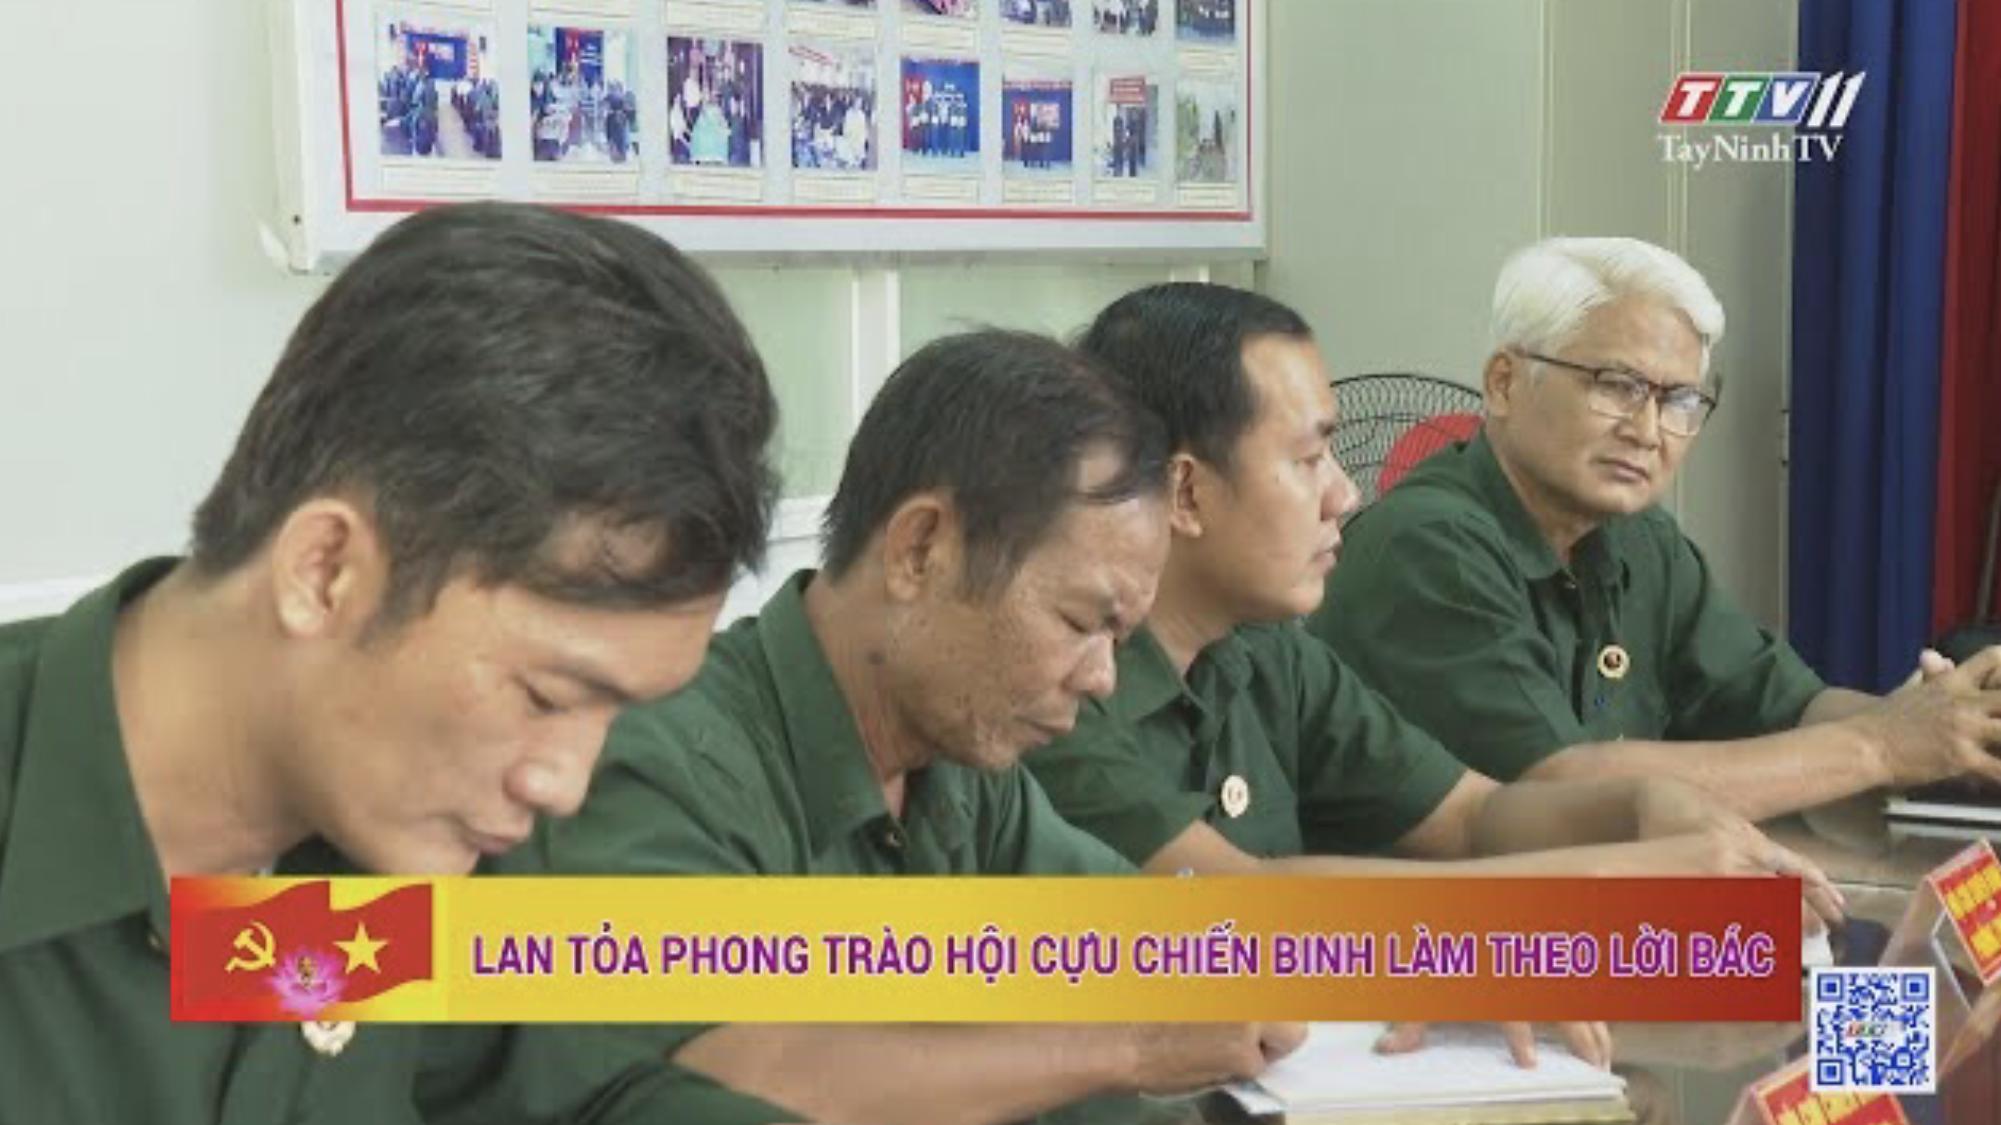 Lan tỏa phong trào Hội Cựu chiến binh làm theo lời Bác | HỌC TẬP VÀ LÀM THEO TƯ TƯỞNG, ĐẠO ĐỨC, PHONG CÁCH HỒ CHÍ MINH | TayNinhTV